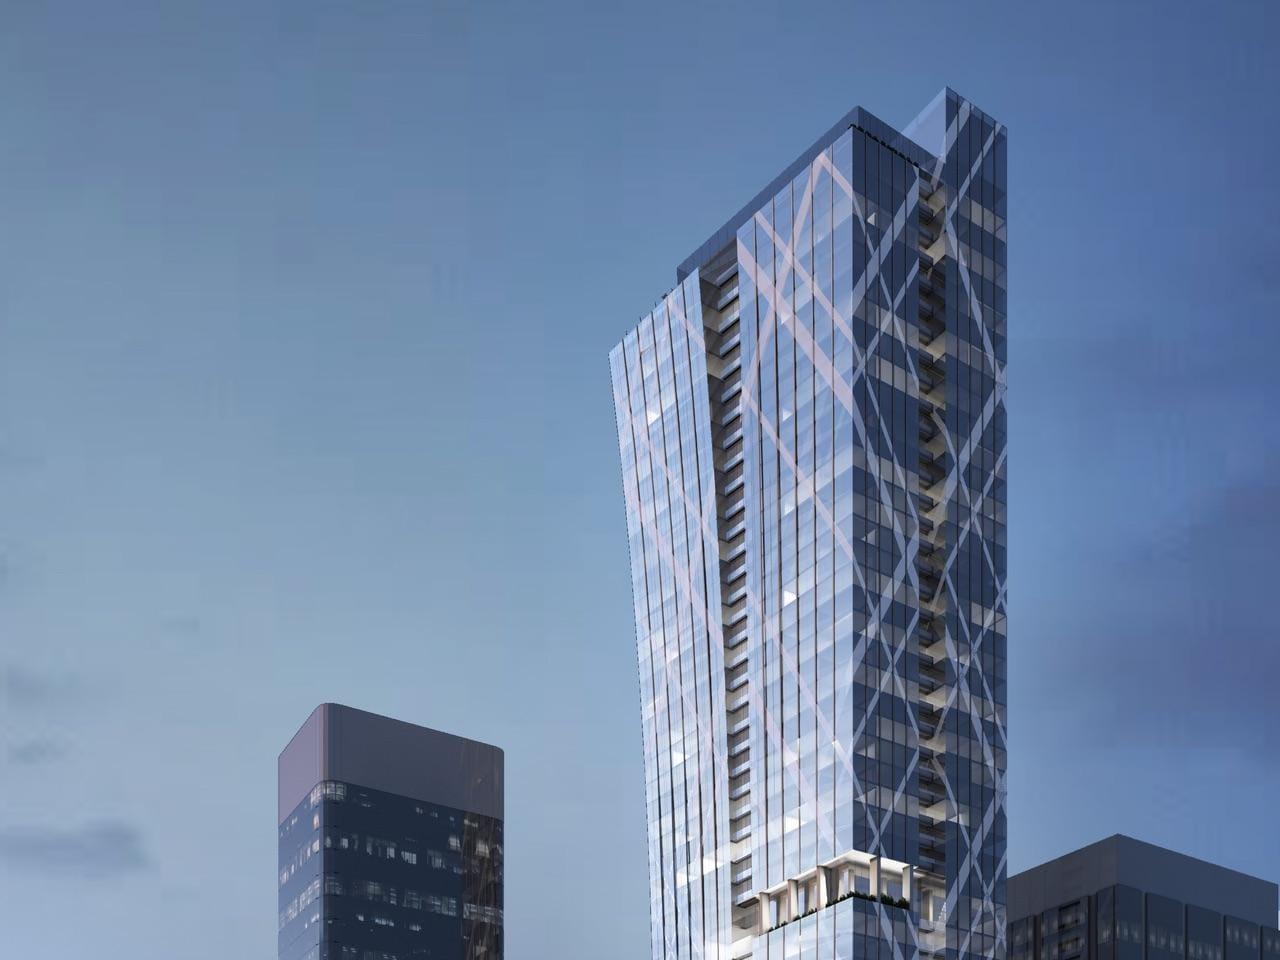 Top-view exterior rendering of Holt Renfrew Tower 50 Bloor Street West Condos in Toronto